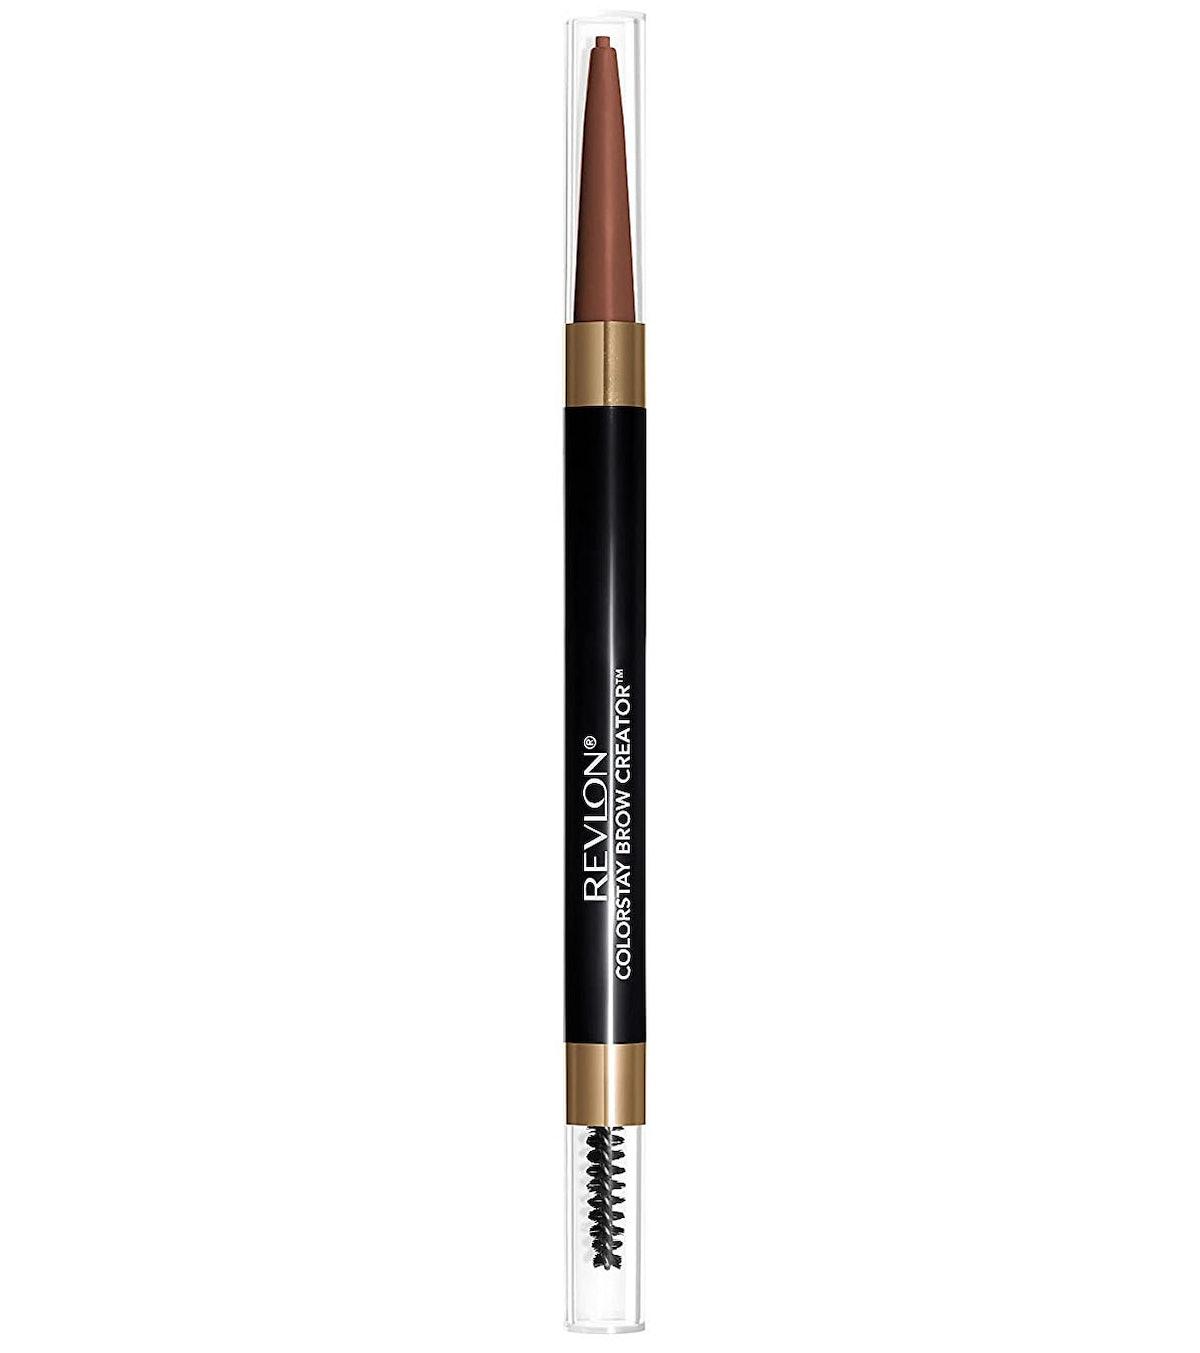 Revlon Colorstay Eyebrow Pencil Creator